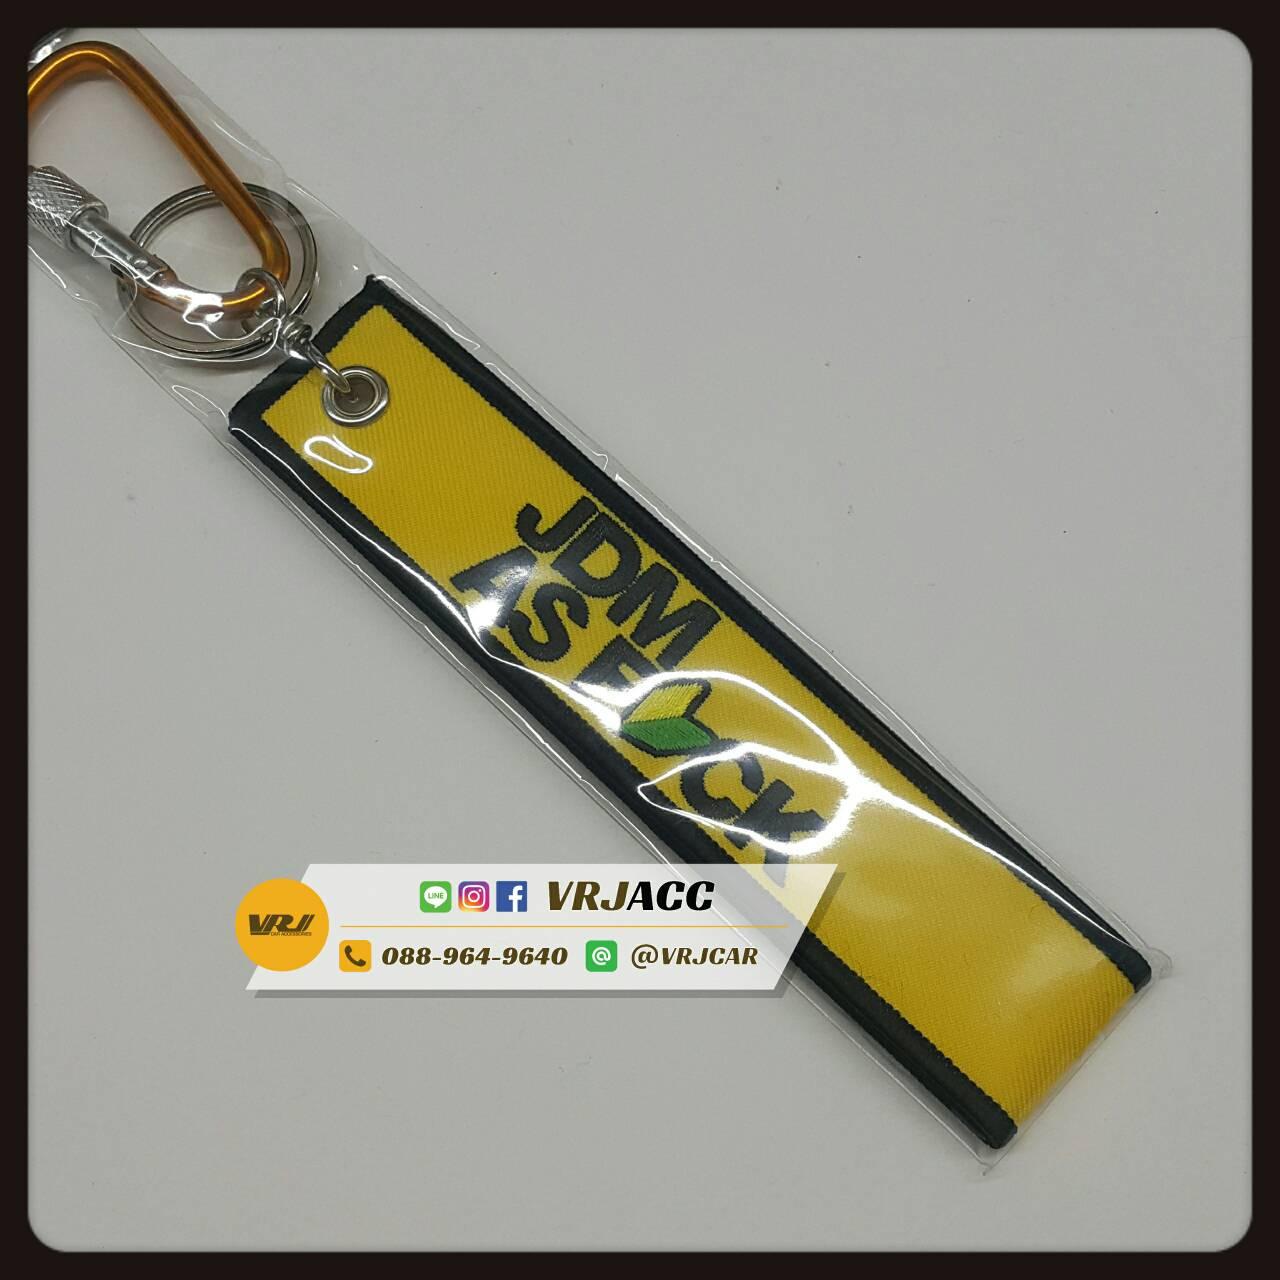 พวงกุญแจผ้า พร้อมตะขอเกี่ยว JDM : Keychain